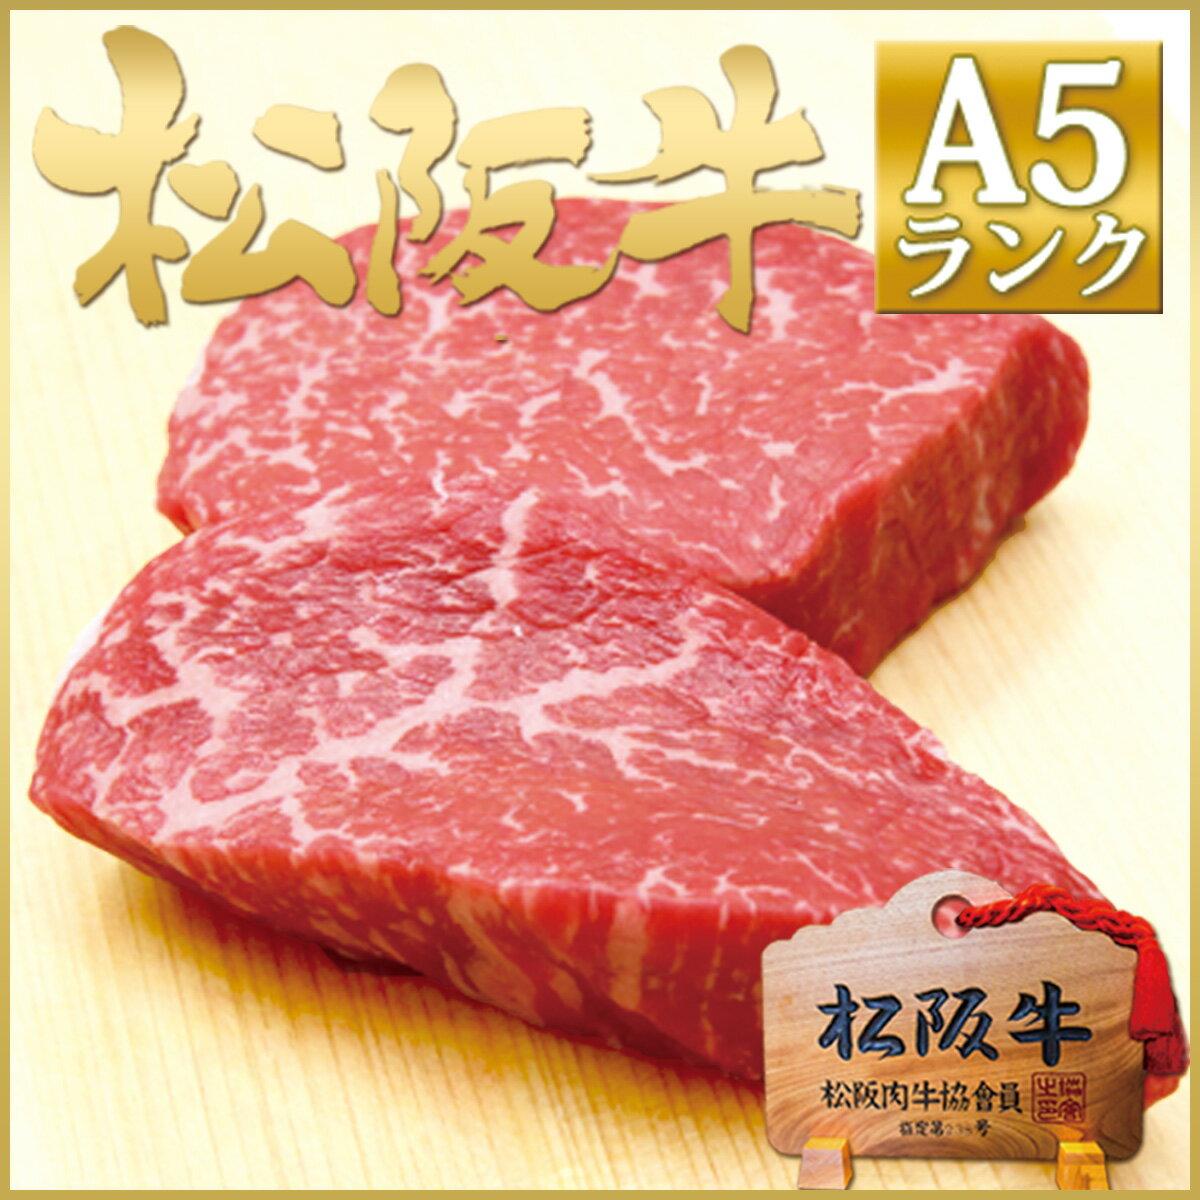 松阪牛 A5ランク 赤身 ステーキ 2人前 ギフト 松坂牛 赤身ステーキ 肉 お誕生日 内祝い 牛肉